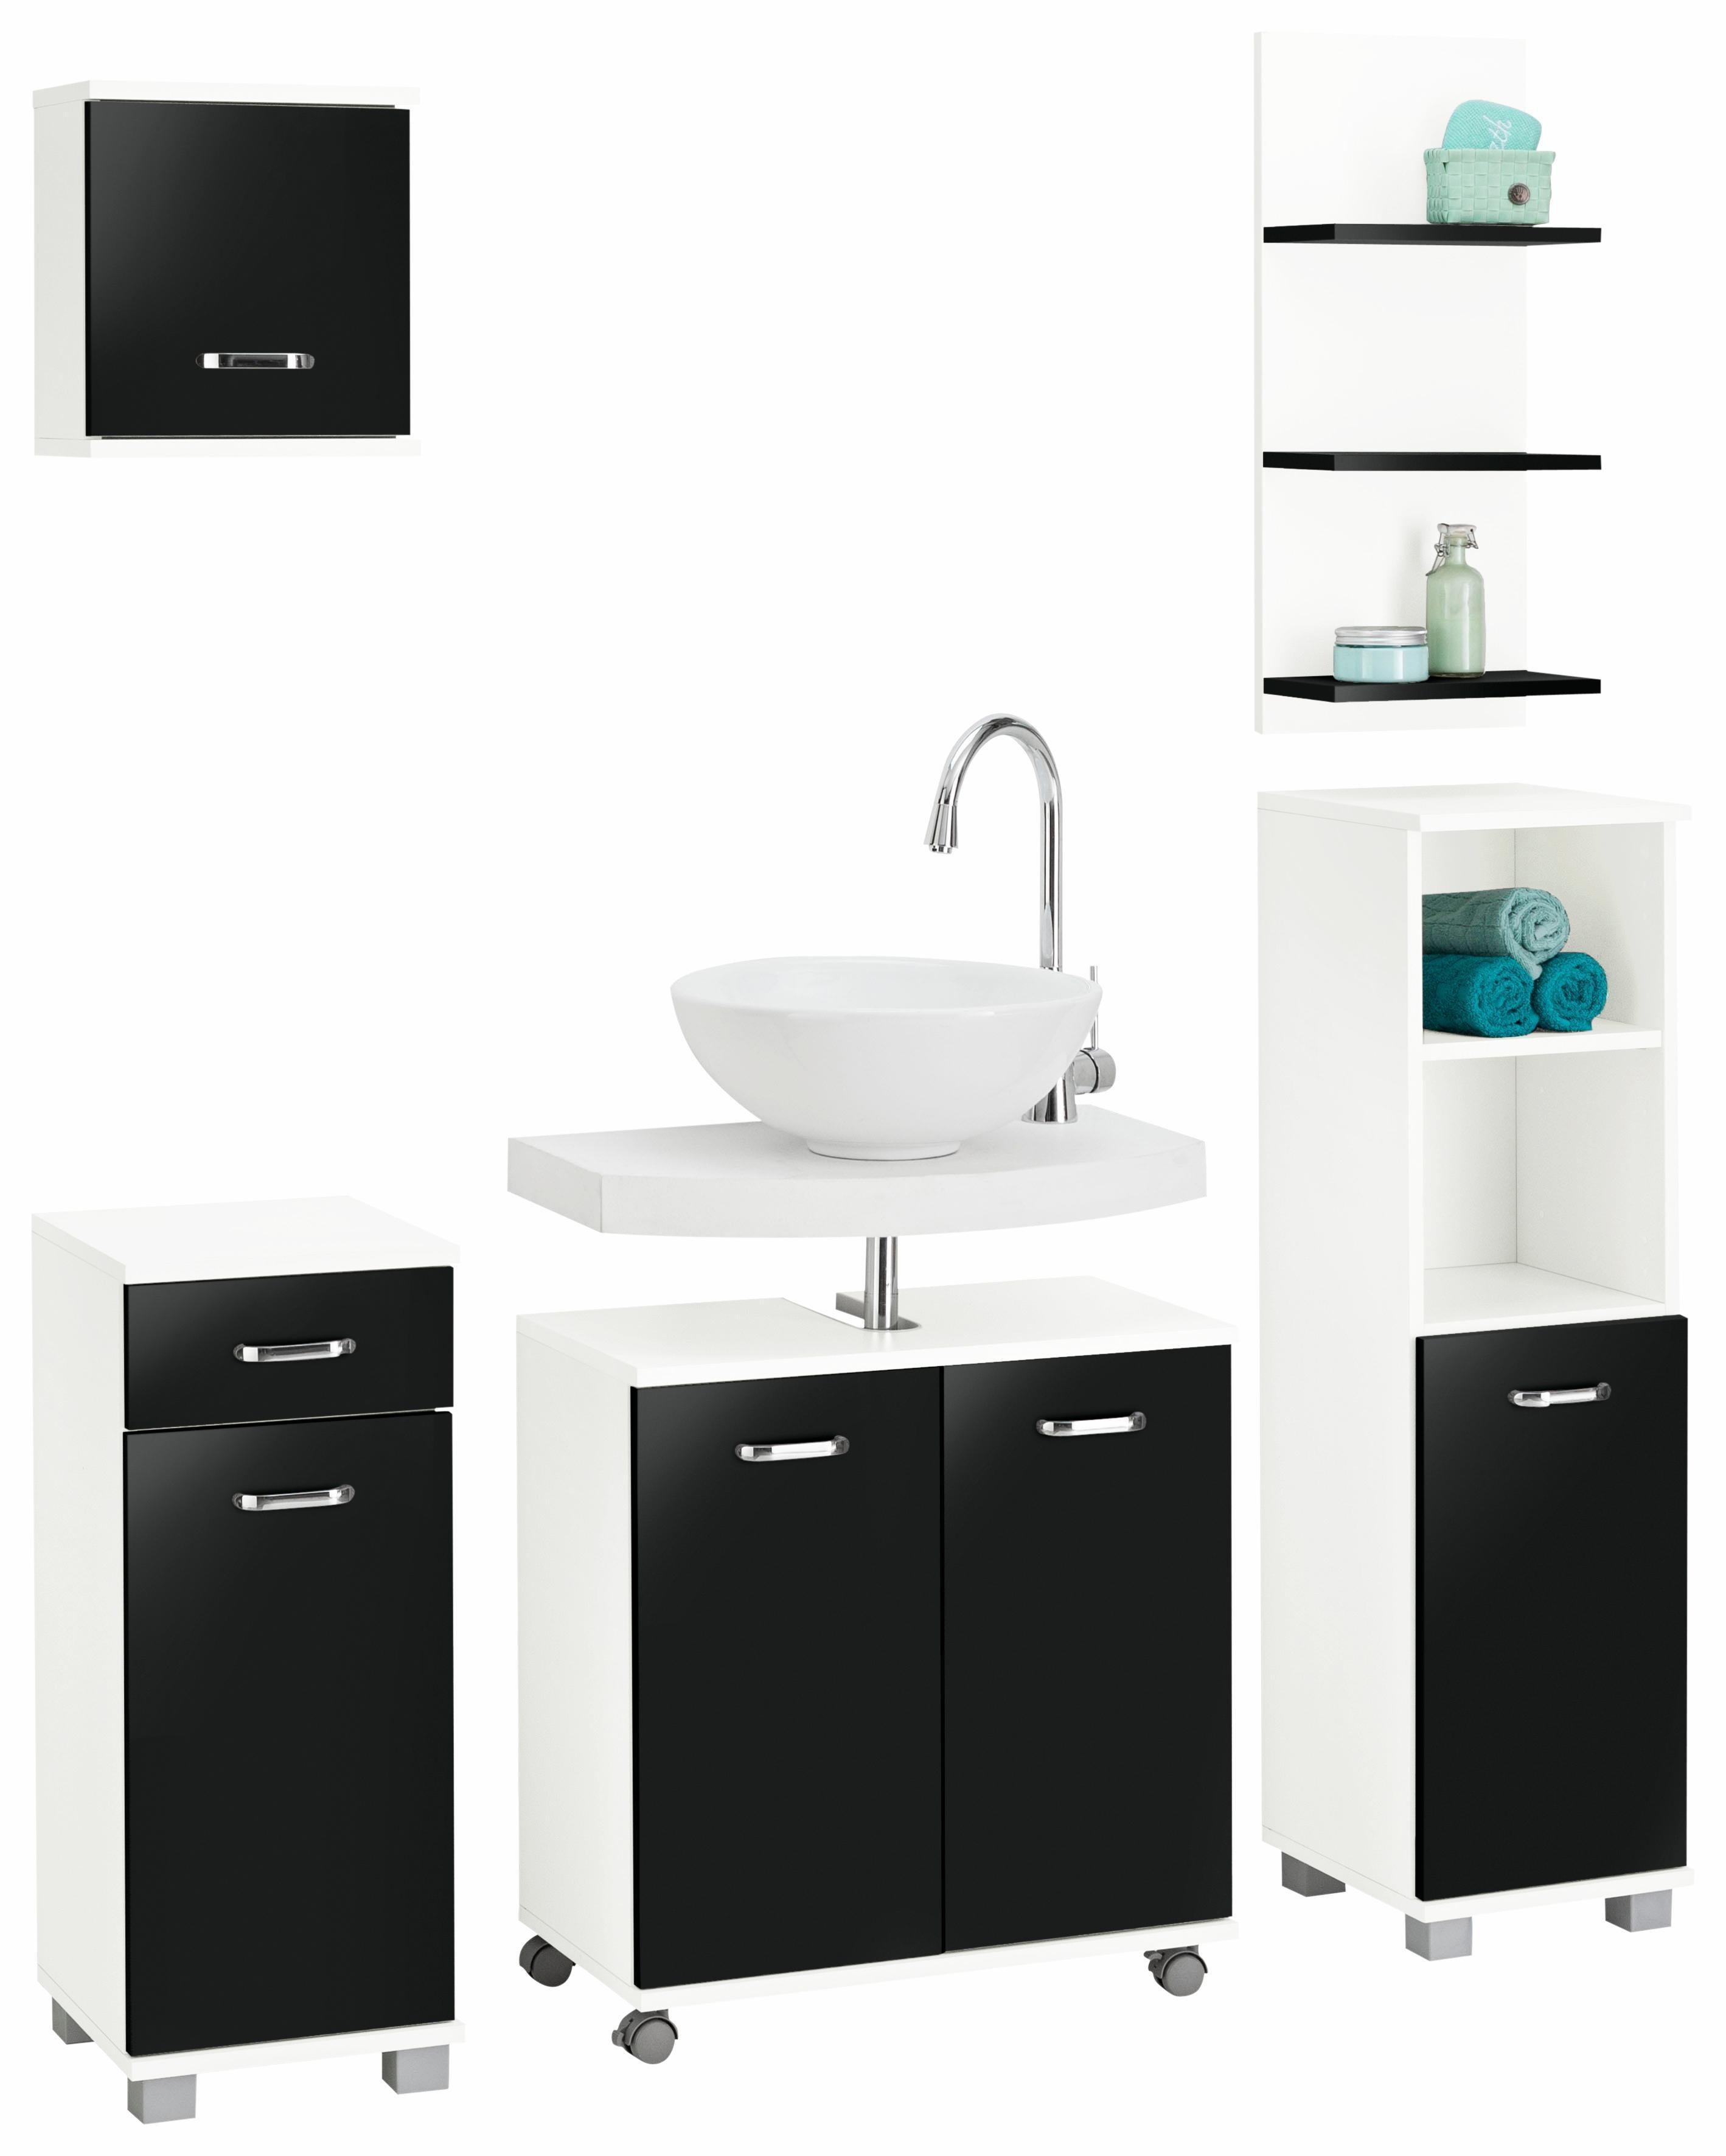 hay Badmöbel-Sets online kaufen | Möbel-Suchmaschine | ladendirekt.de